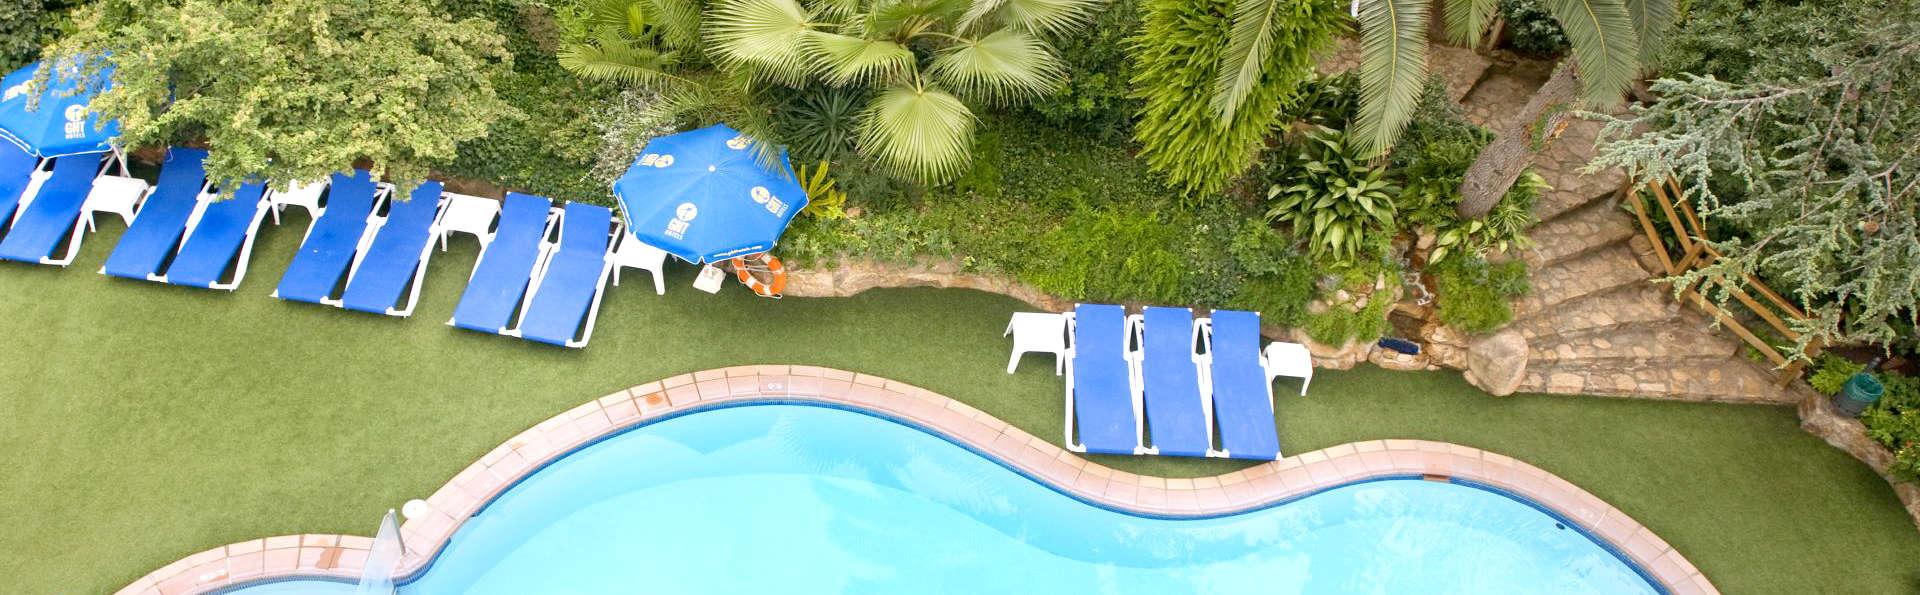 Amusement à Tossa de Mar en demi-pension et vue piscine